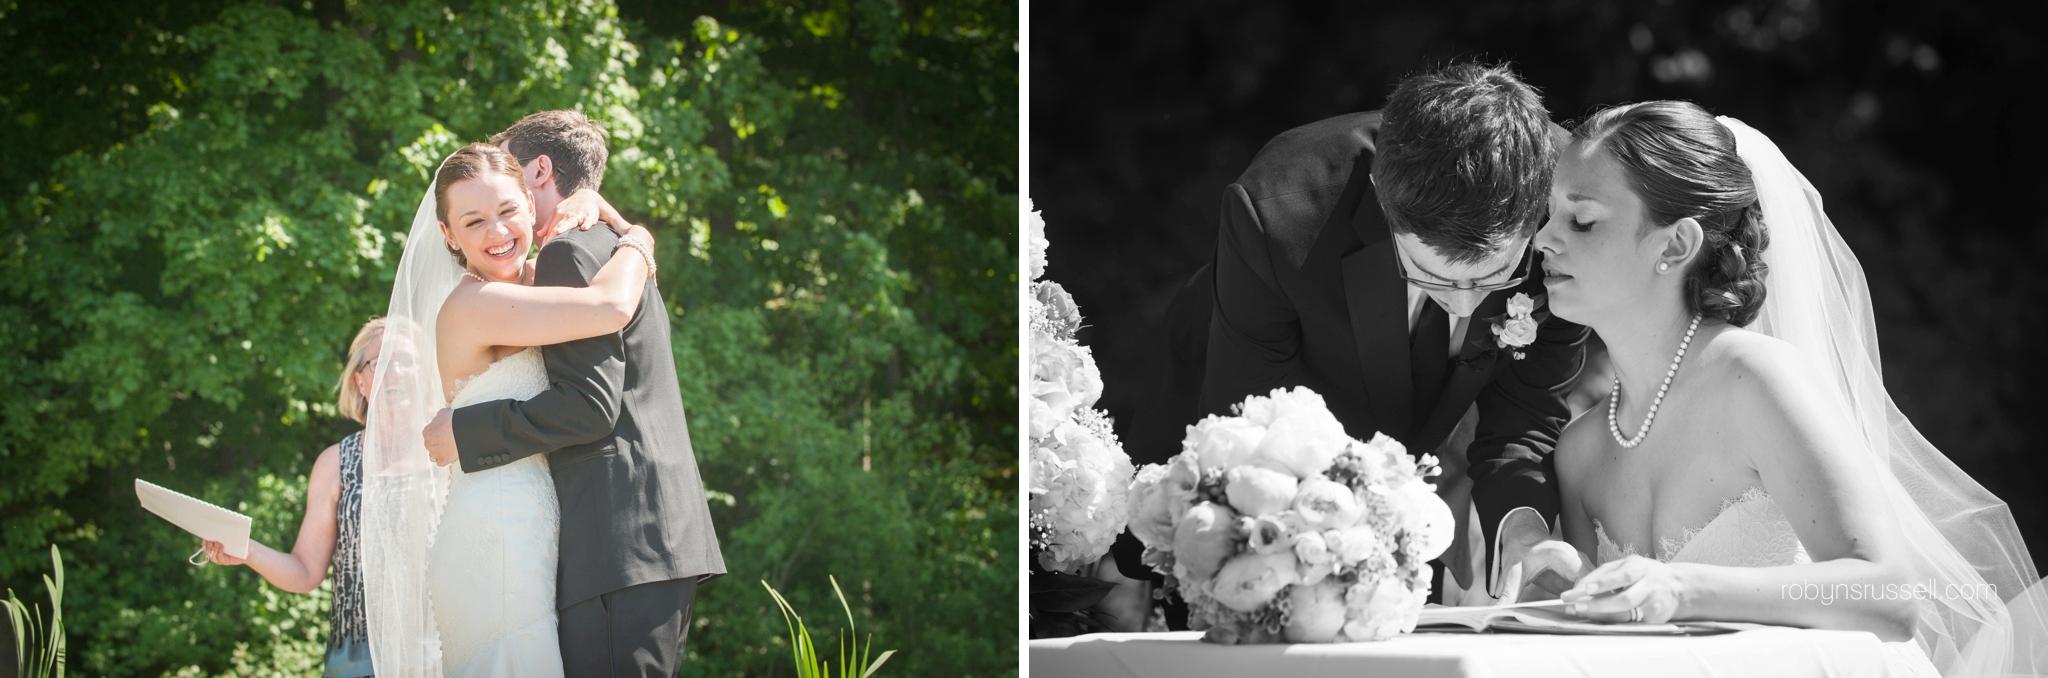 17-bride-and-groom-kiss-and-sign-registry-in-jordan.jpg